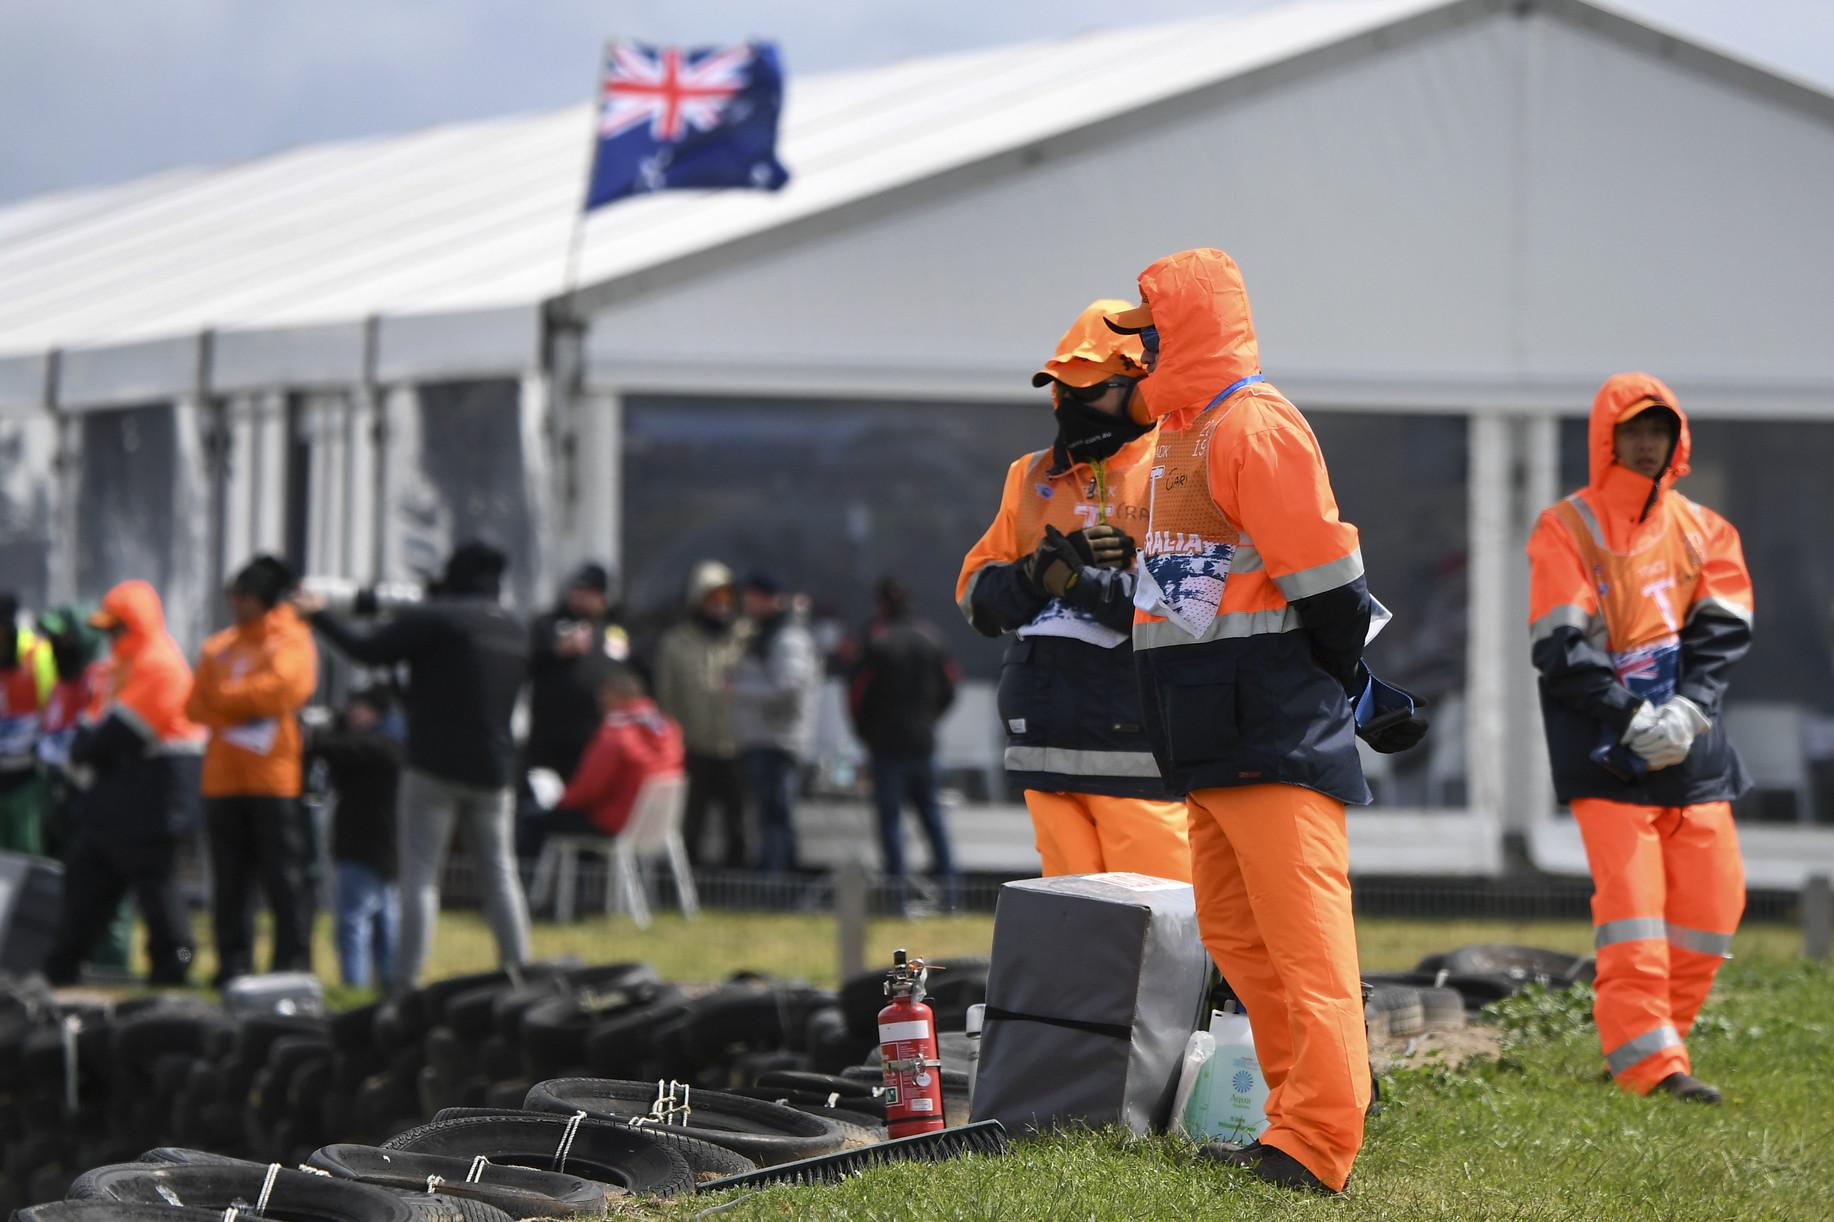 Condizioni troppo pericolose in Australia: niente qualifiche<br /><br />